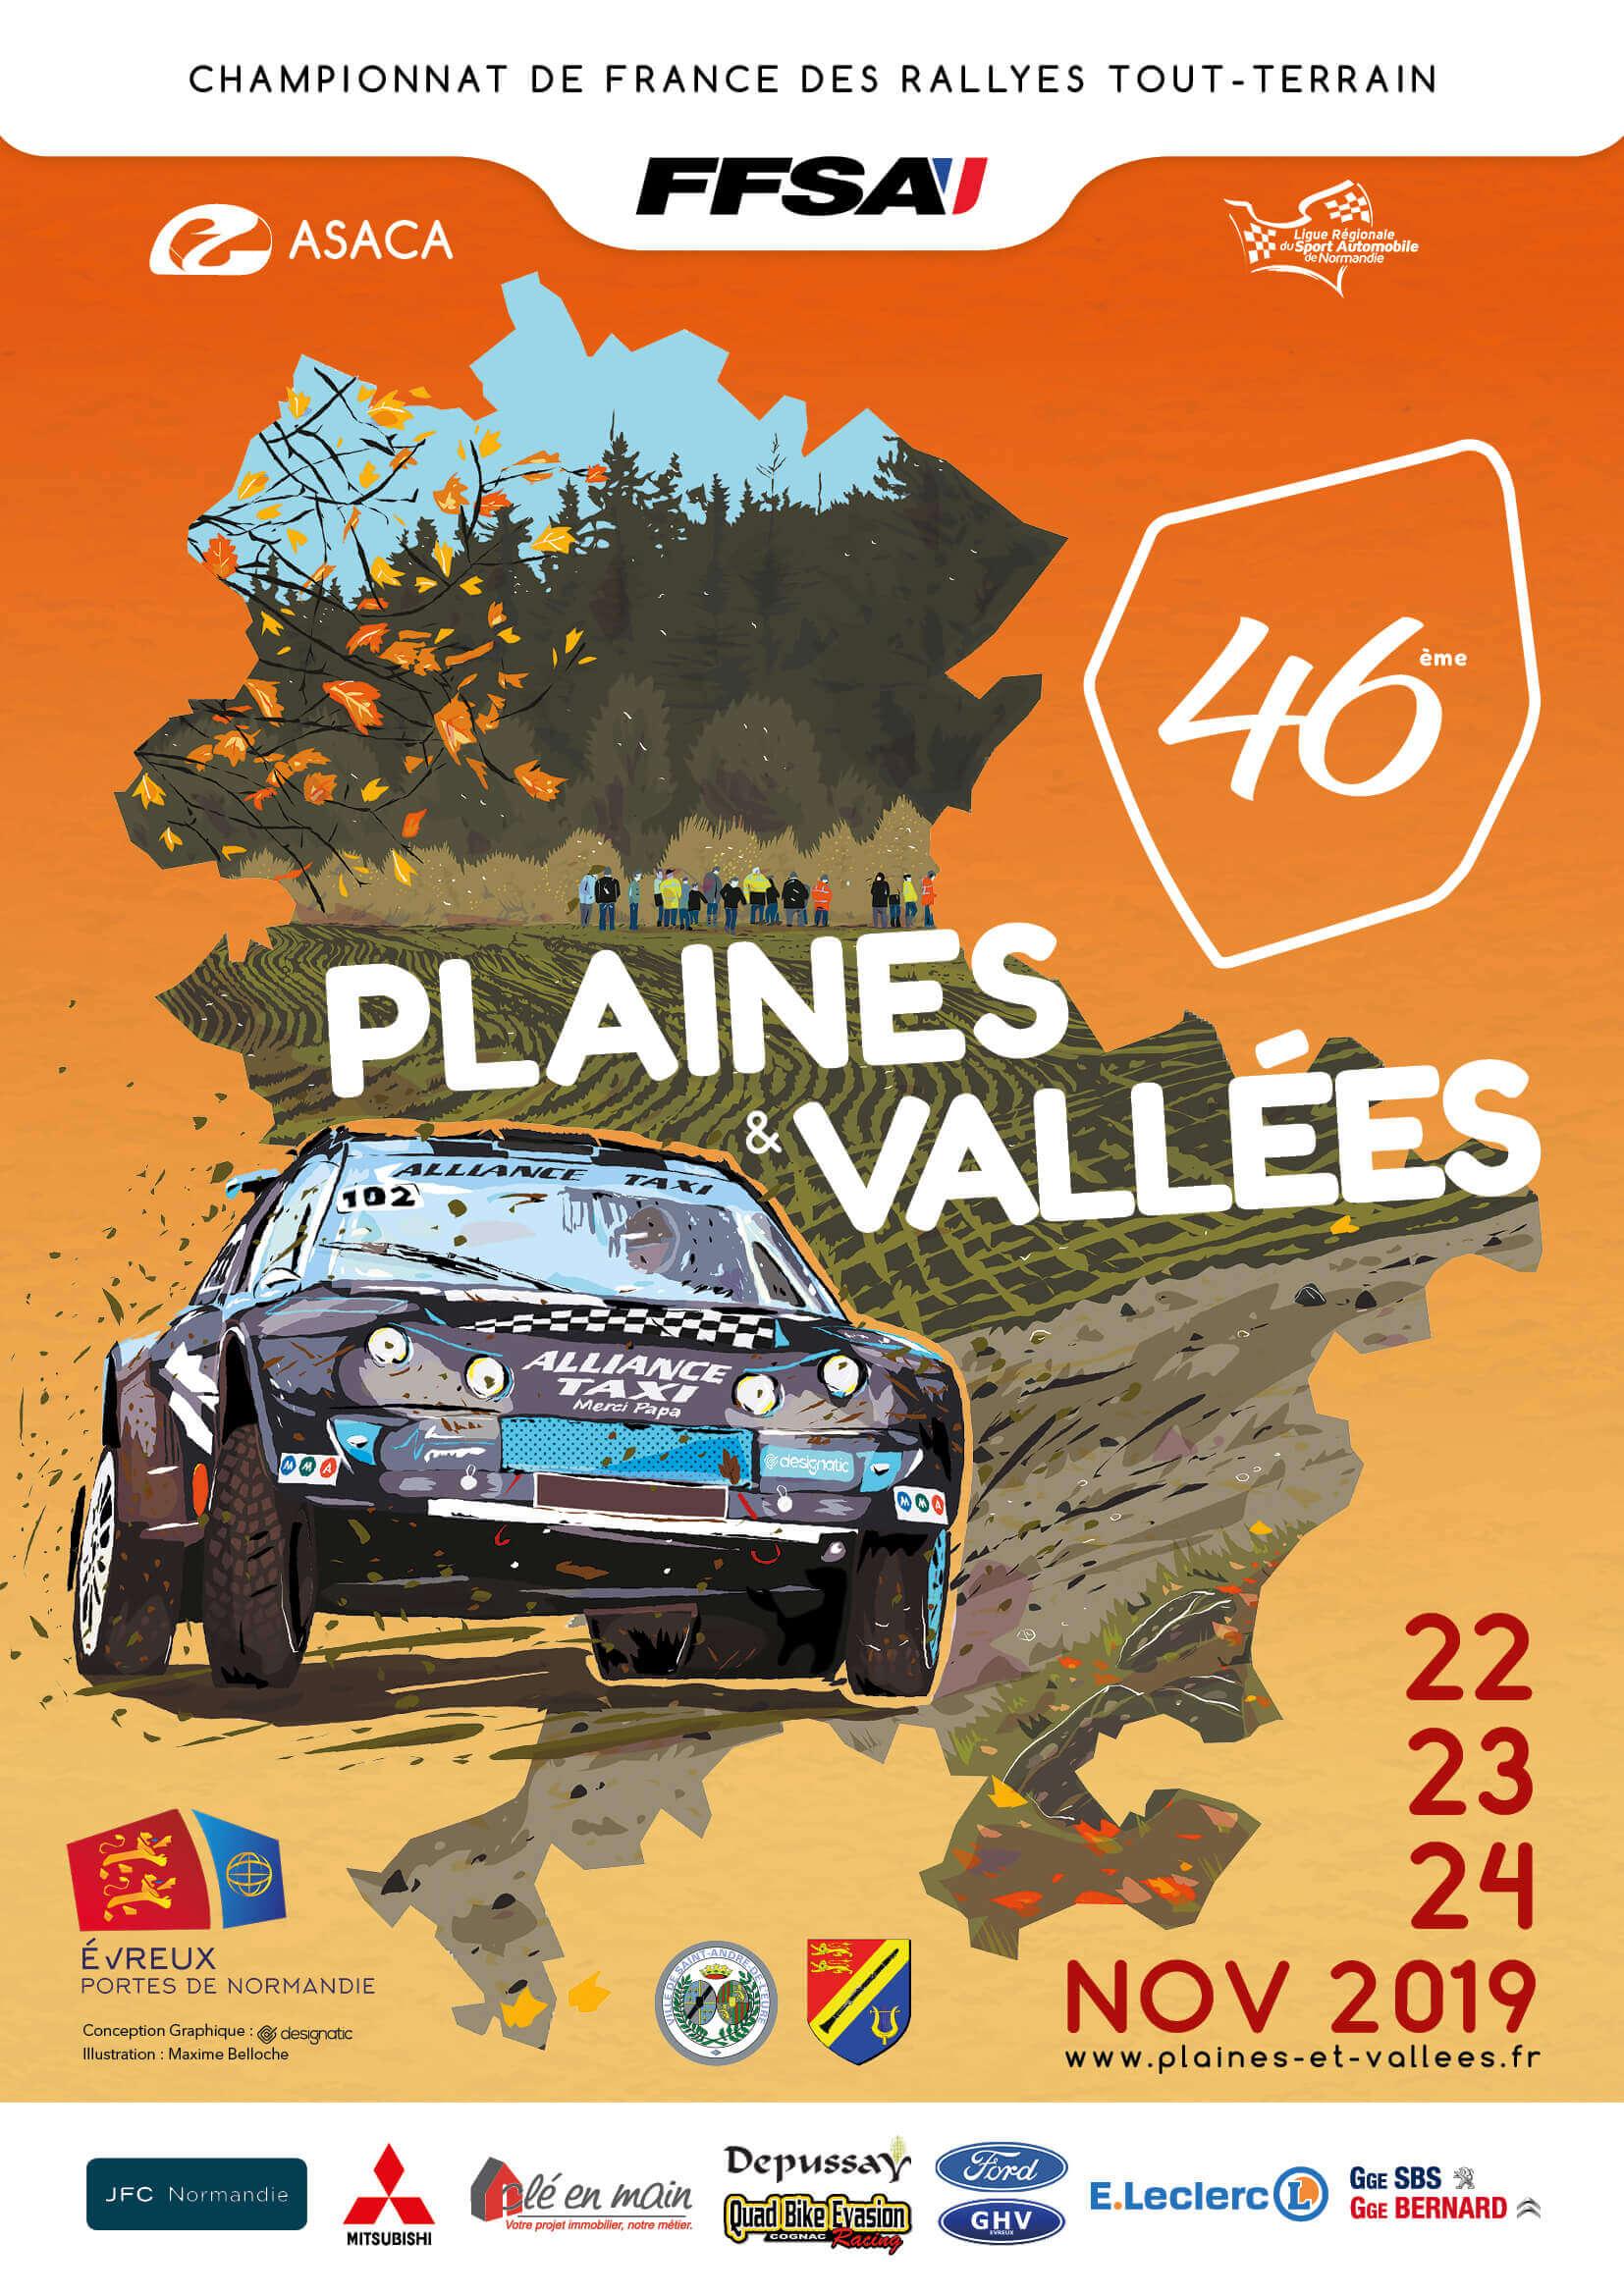 Affiche 2019 Rallye TT Plaines et Vallées Championnat de France